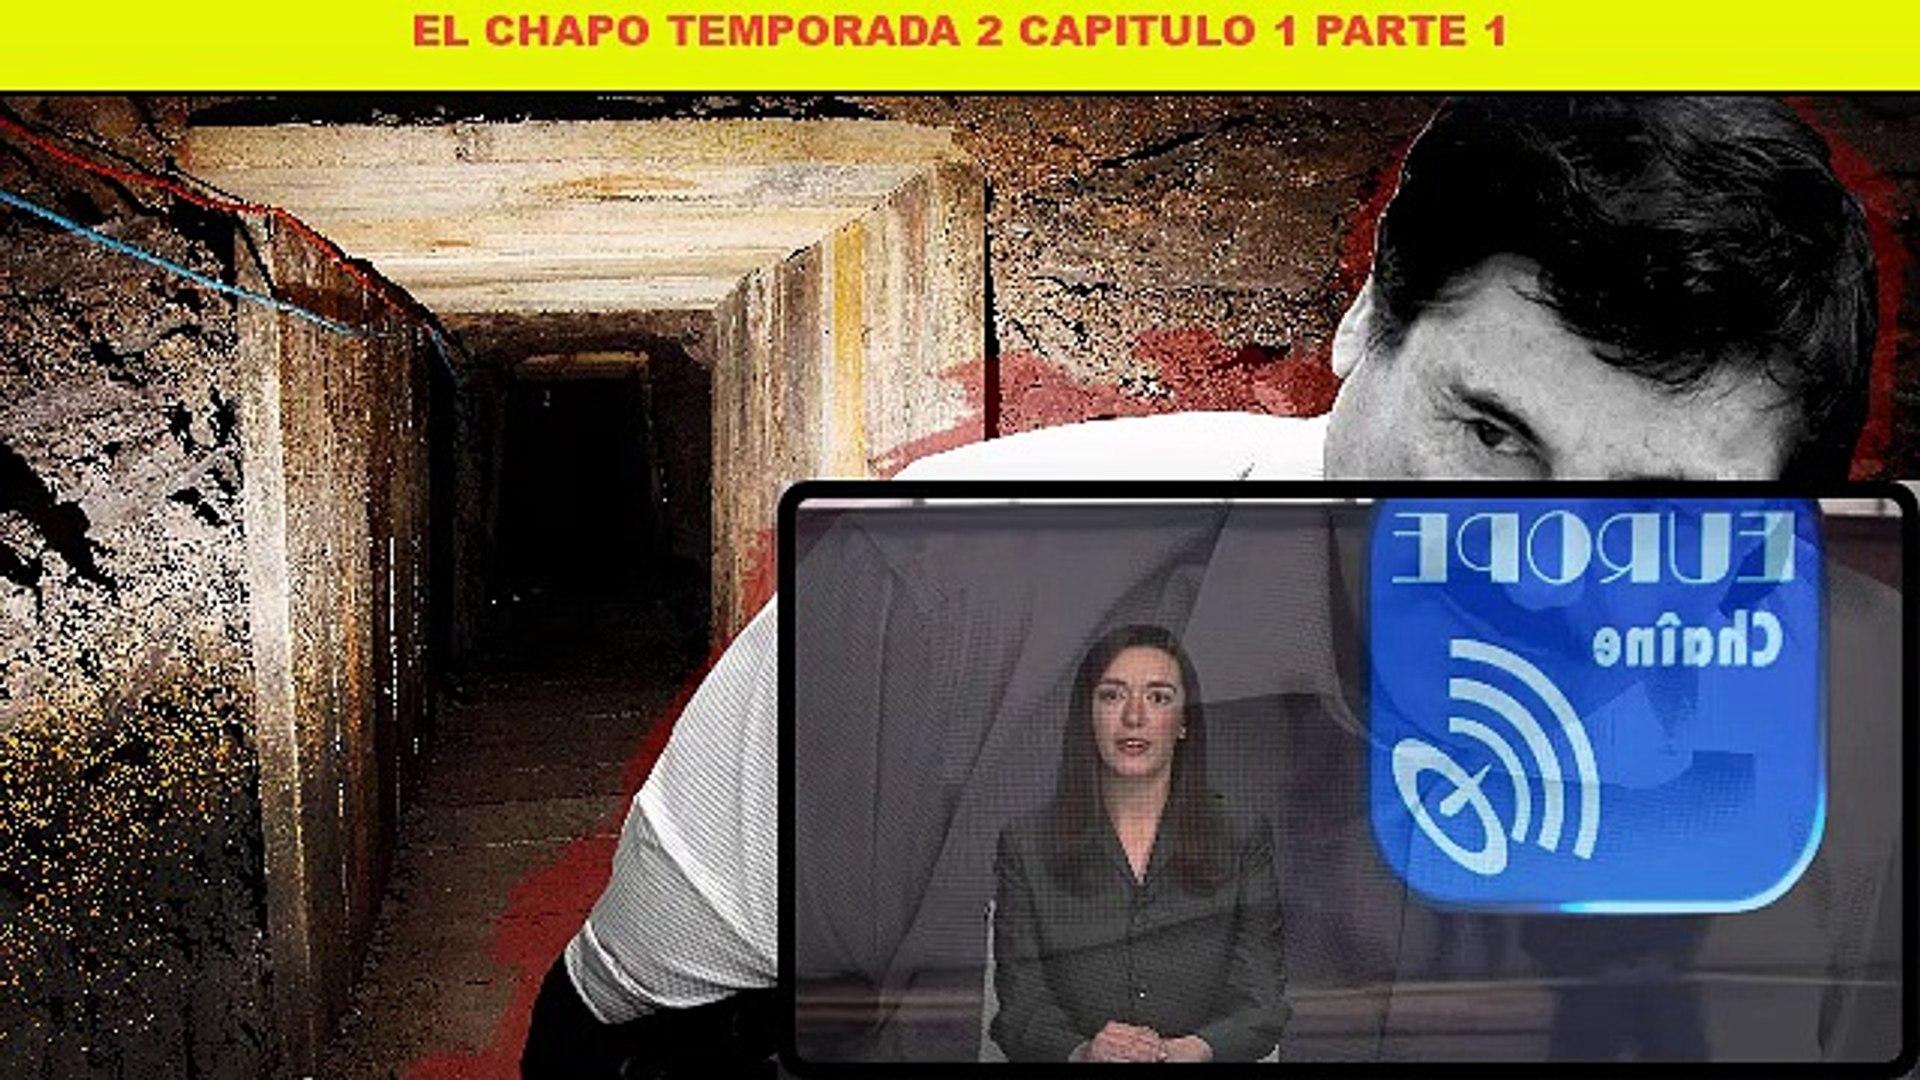 El Chapo Temporada 2 Capitulo 1 Parte 1 Vídeo Dailymotion